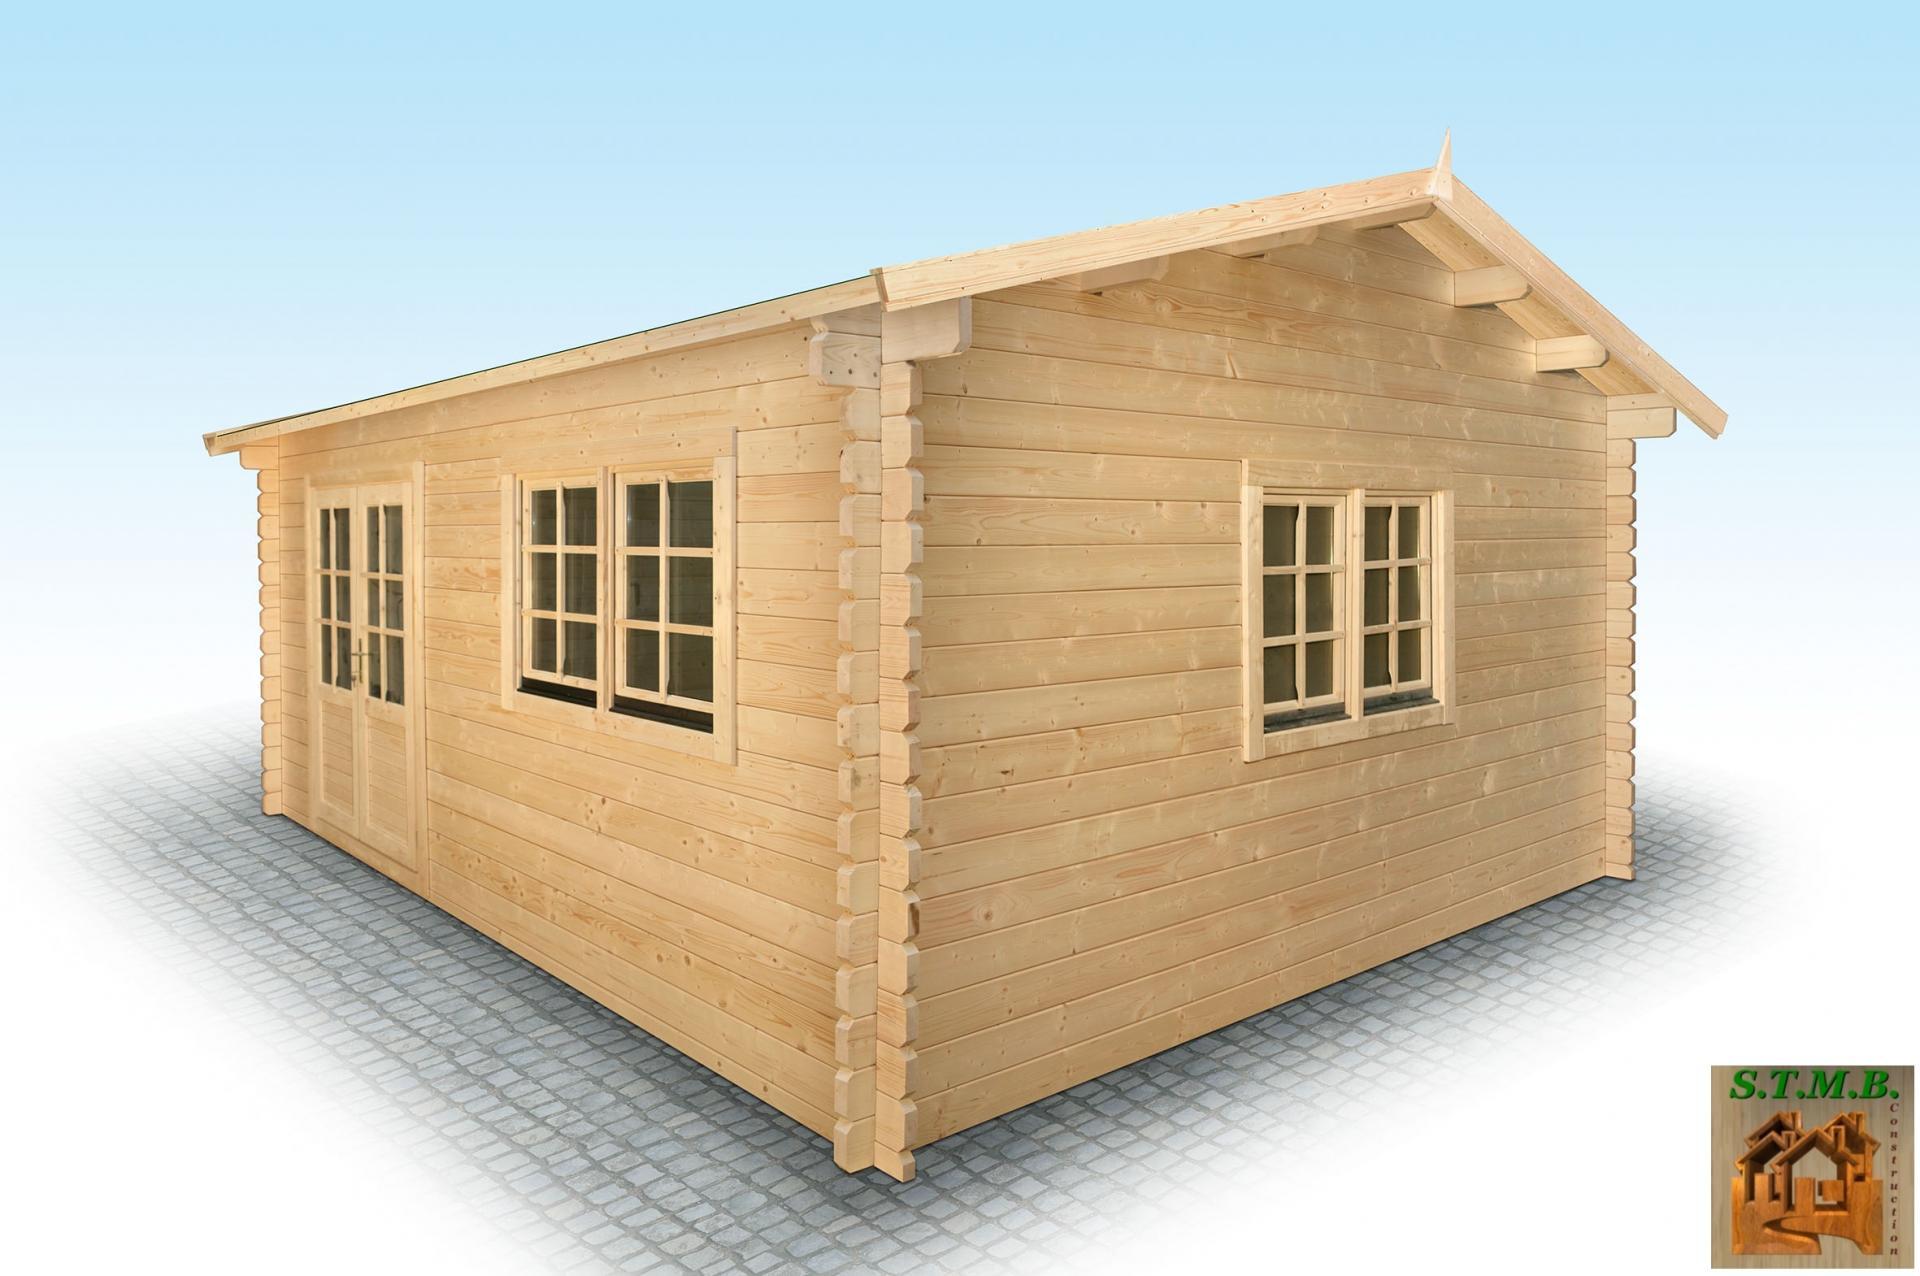 Constructeur Chalet Bois Habitable - Chalet en bois en kit mod u00e8le Hiba 25 m2 en madriers de 44 mm